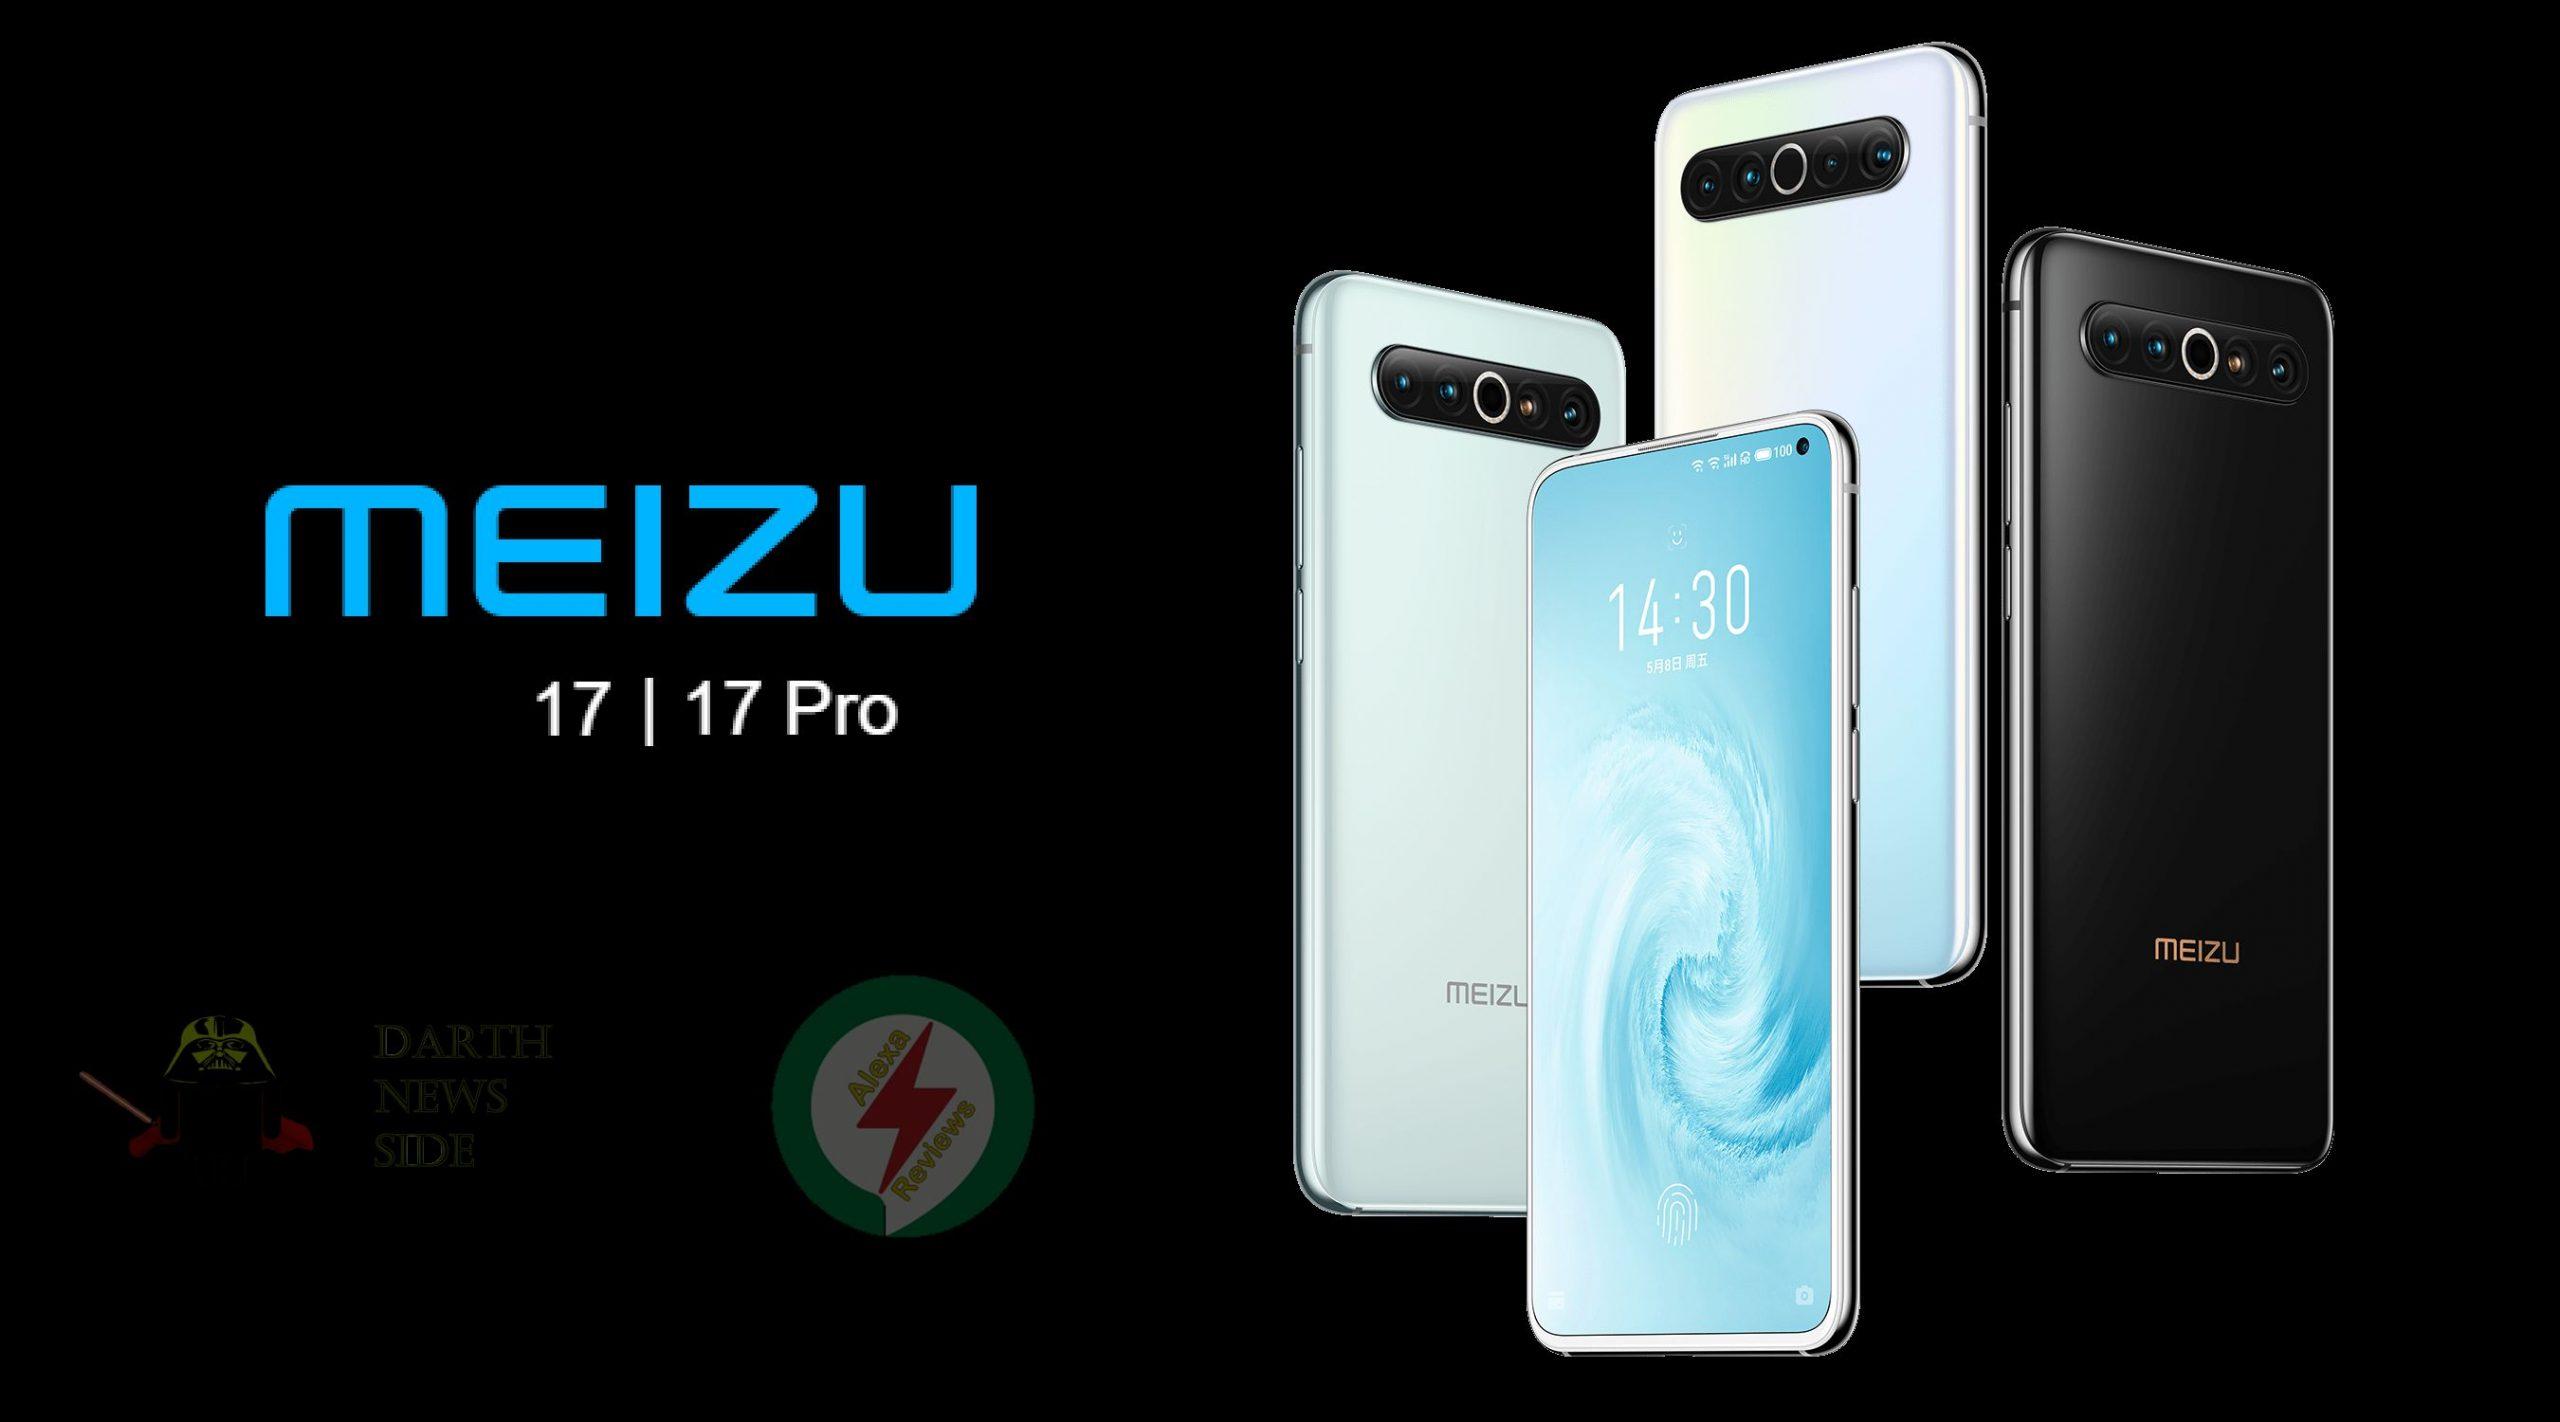 Meizu 17 e Meizu 17 Pro presentati ufficialmente: due ottimi top di gamma. Saranno gli smartphone della rinascita?